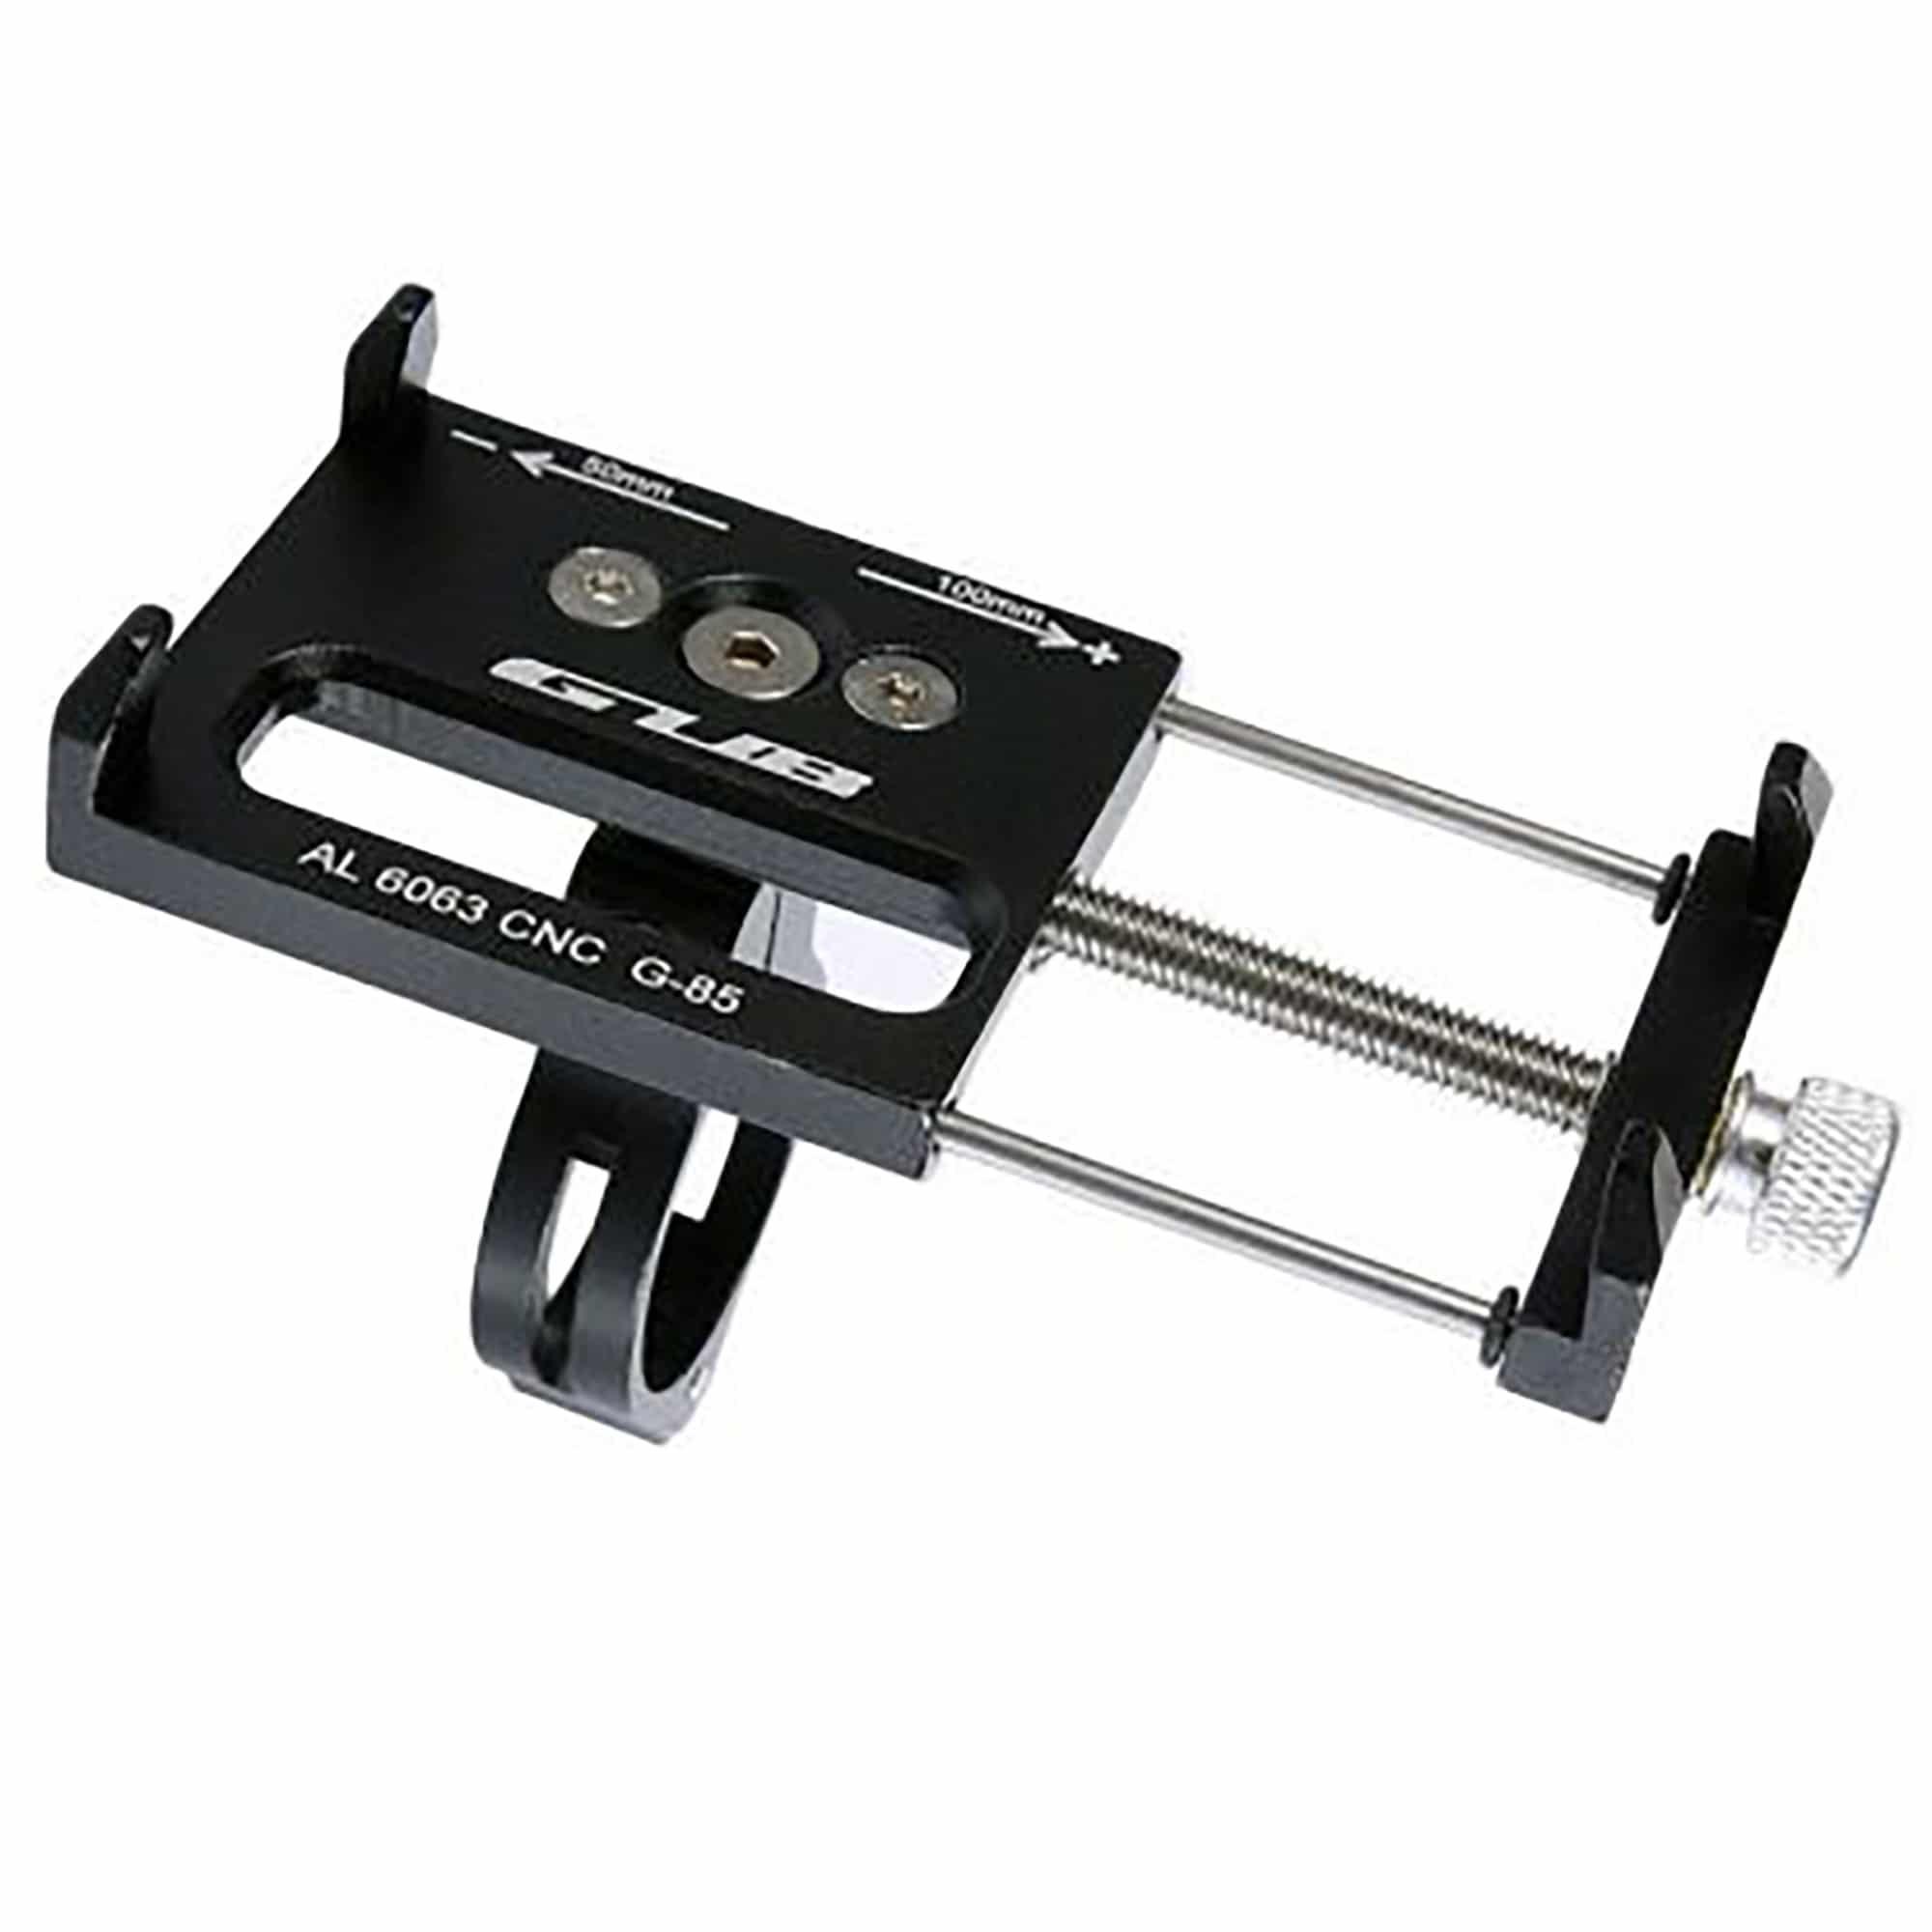 soporte de metal para móvil - Zwheel